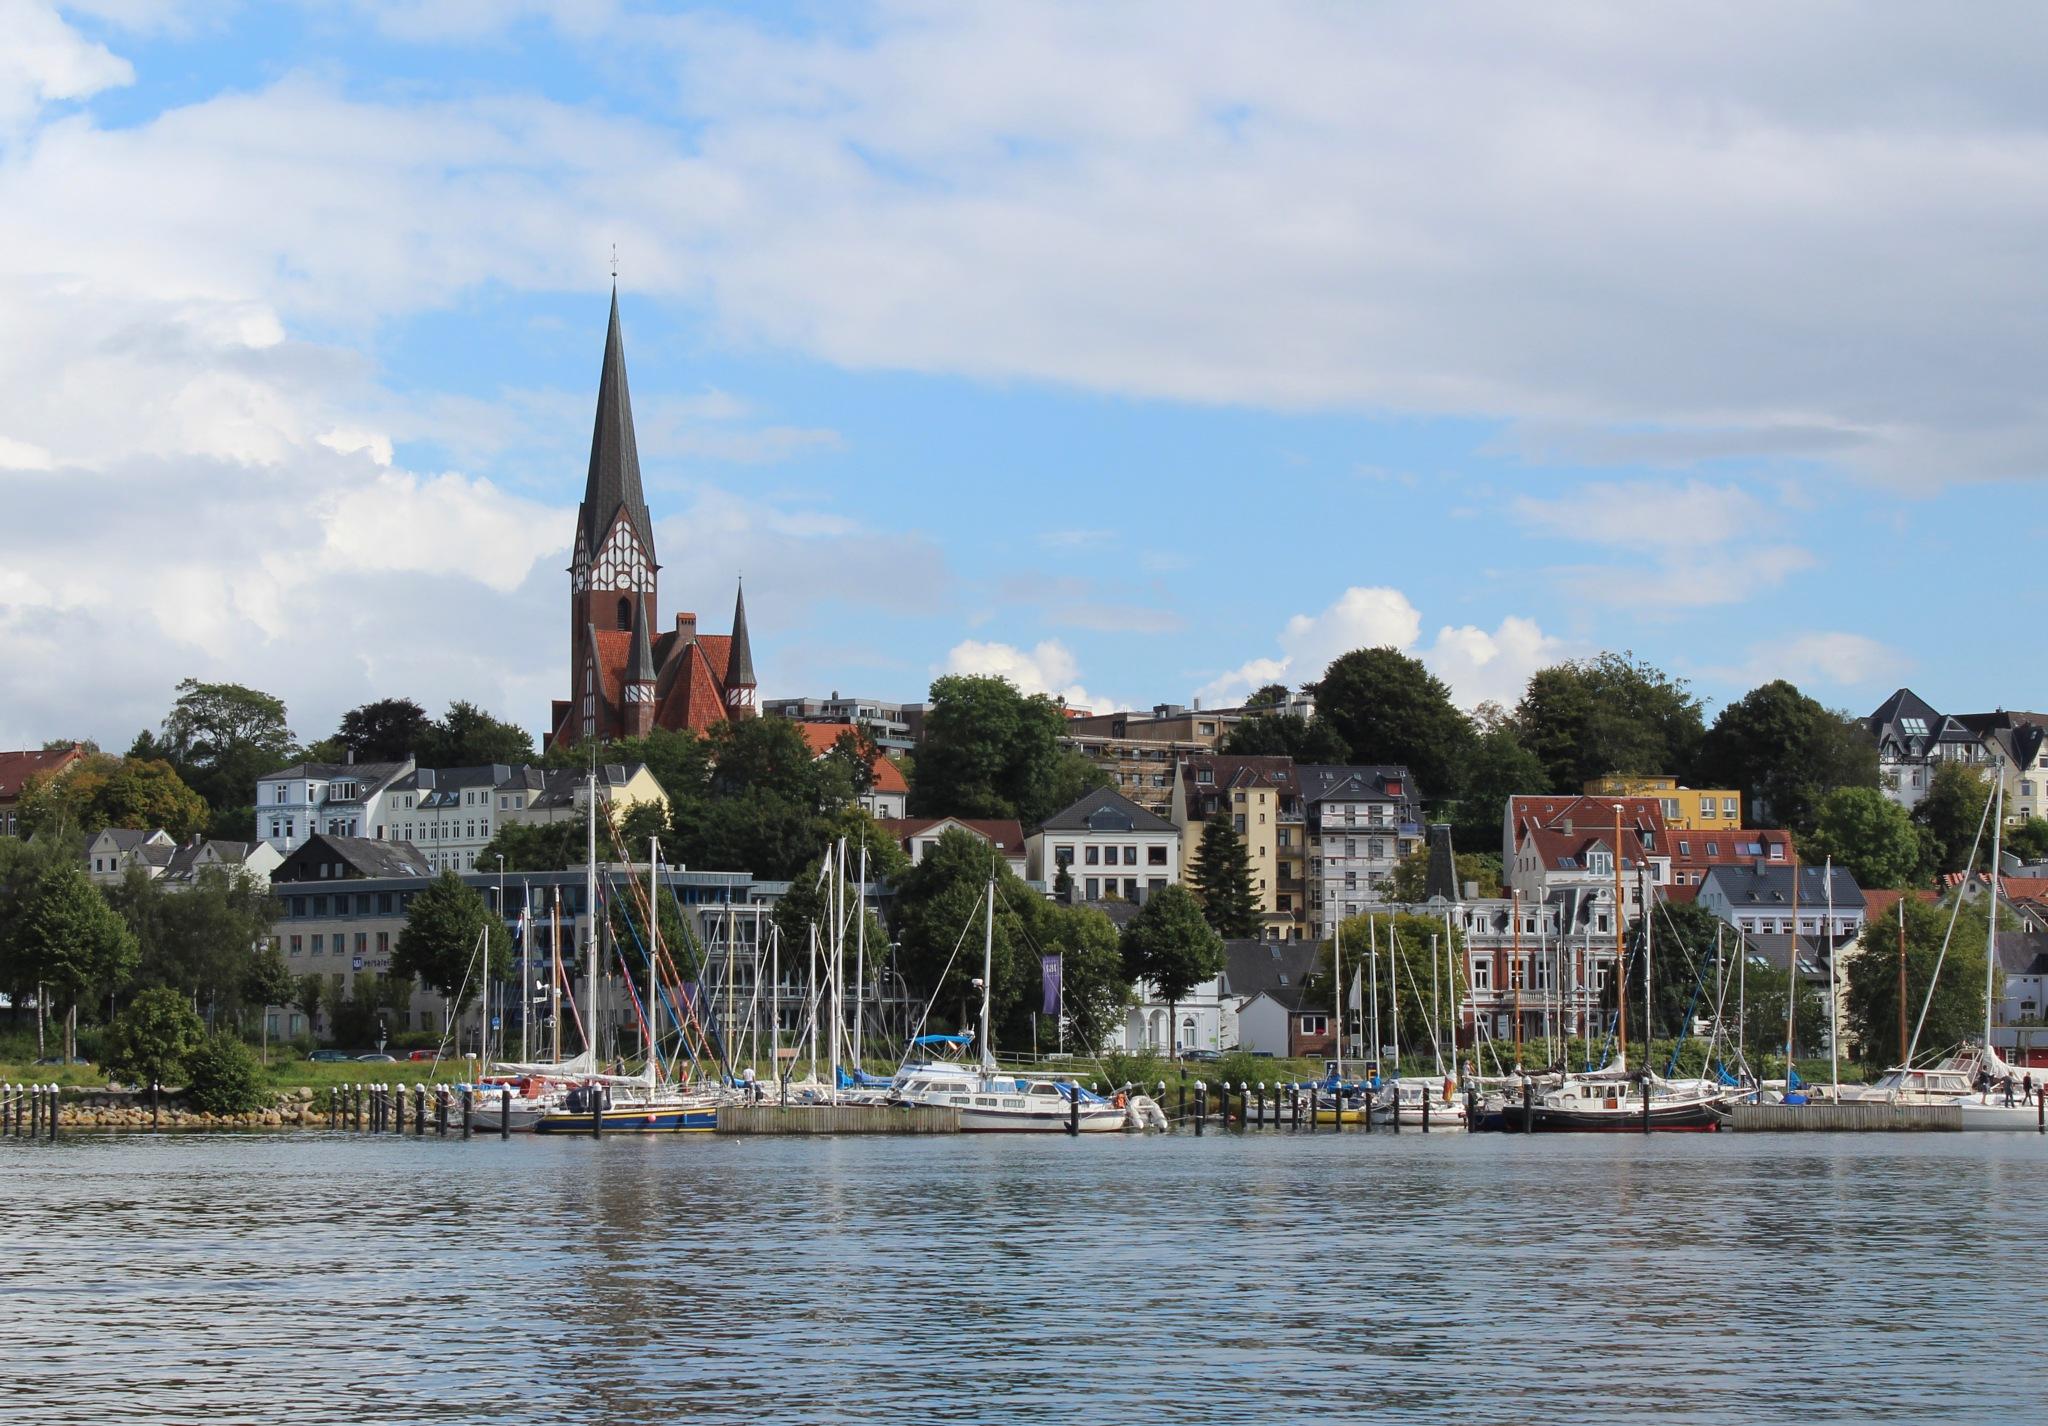 Flensburg. Germany. by grethe.f.villadsen